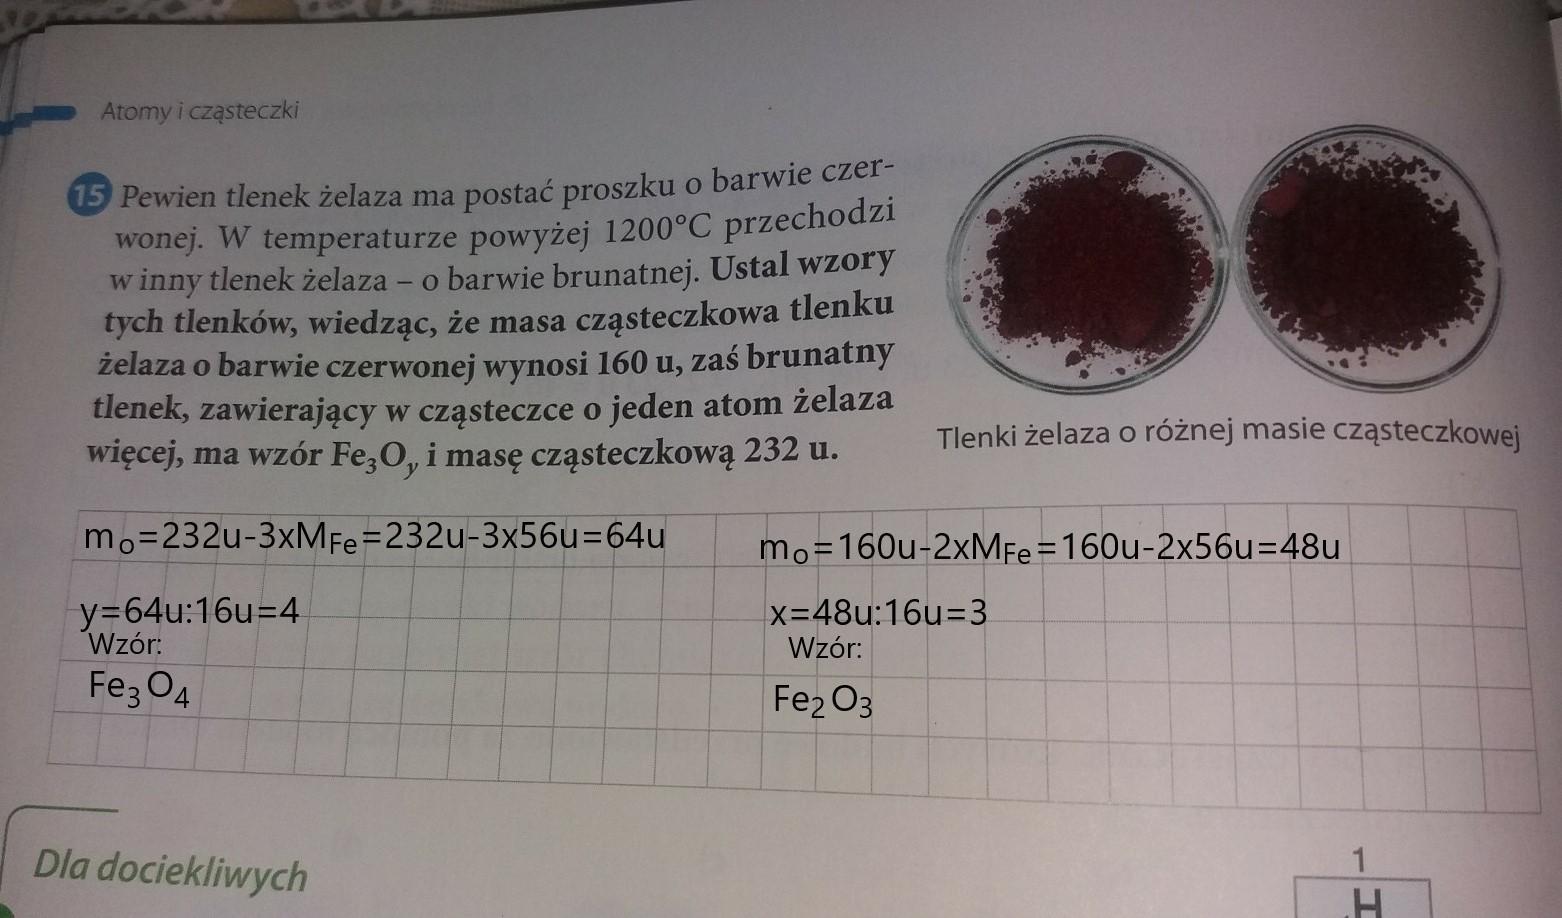 Genialny Pewien tlenek żelaza ma postać proszku o barwie czerwonej w KF65